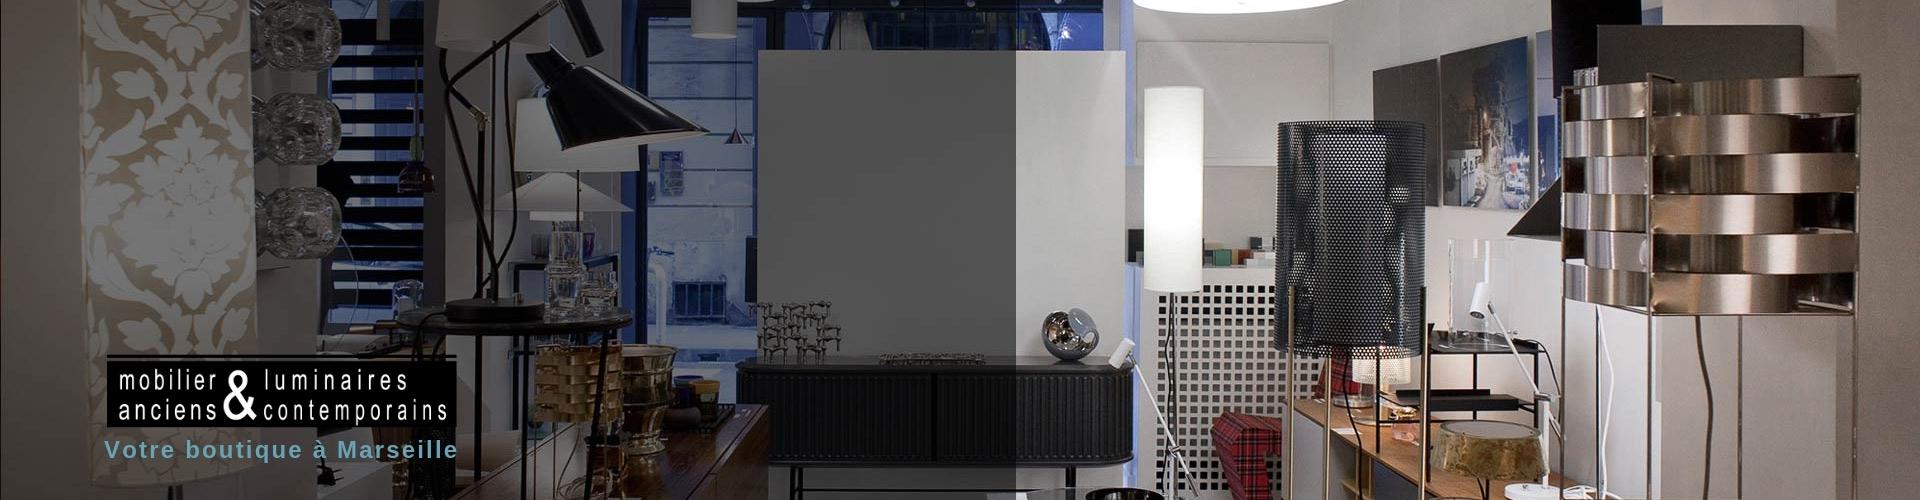 Studio19 luminaire et mobilier à marseille studio1 décoration intérieure mobilier design contemporain vintage marseille